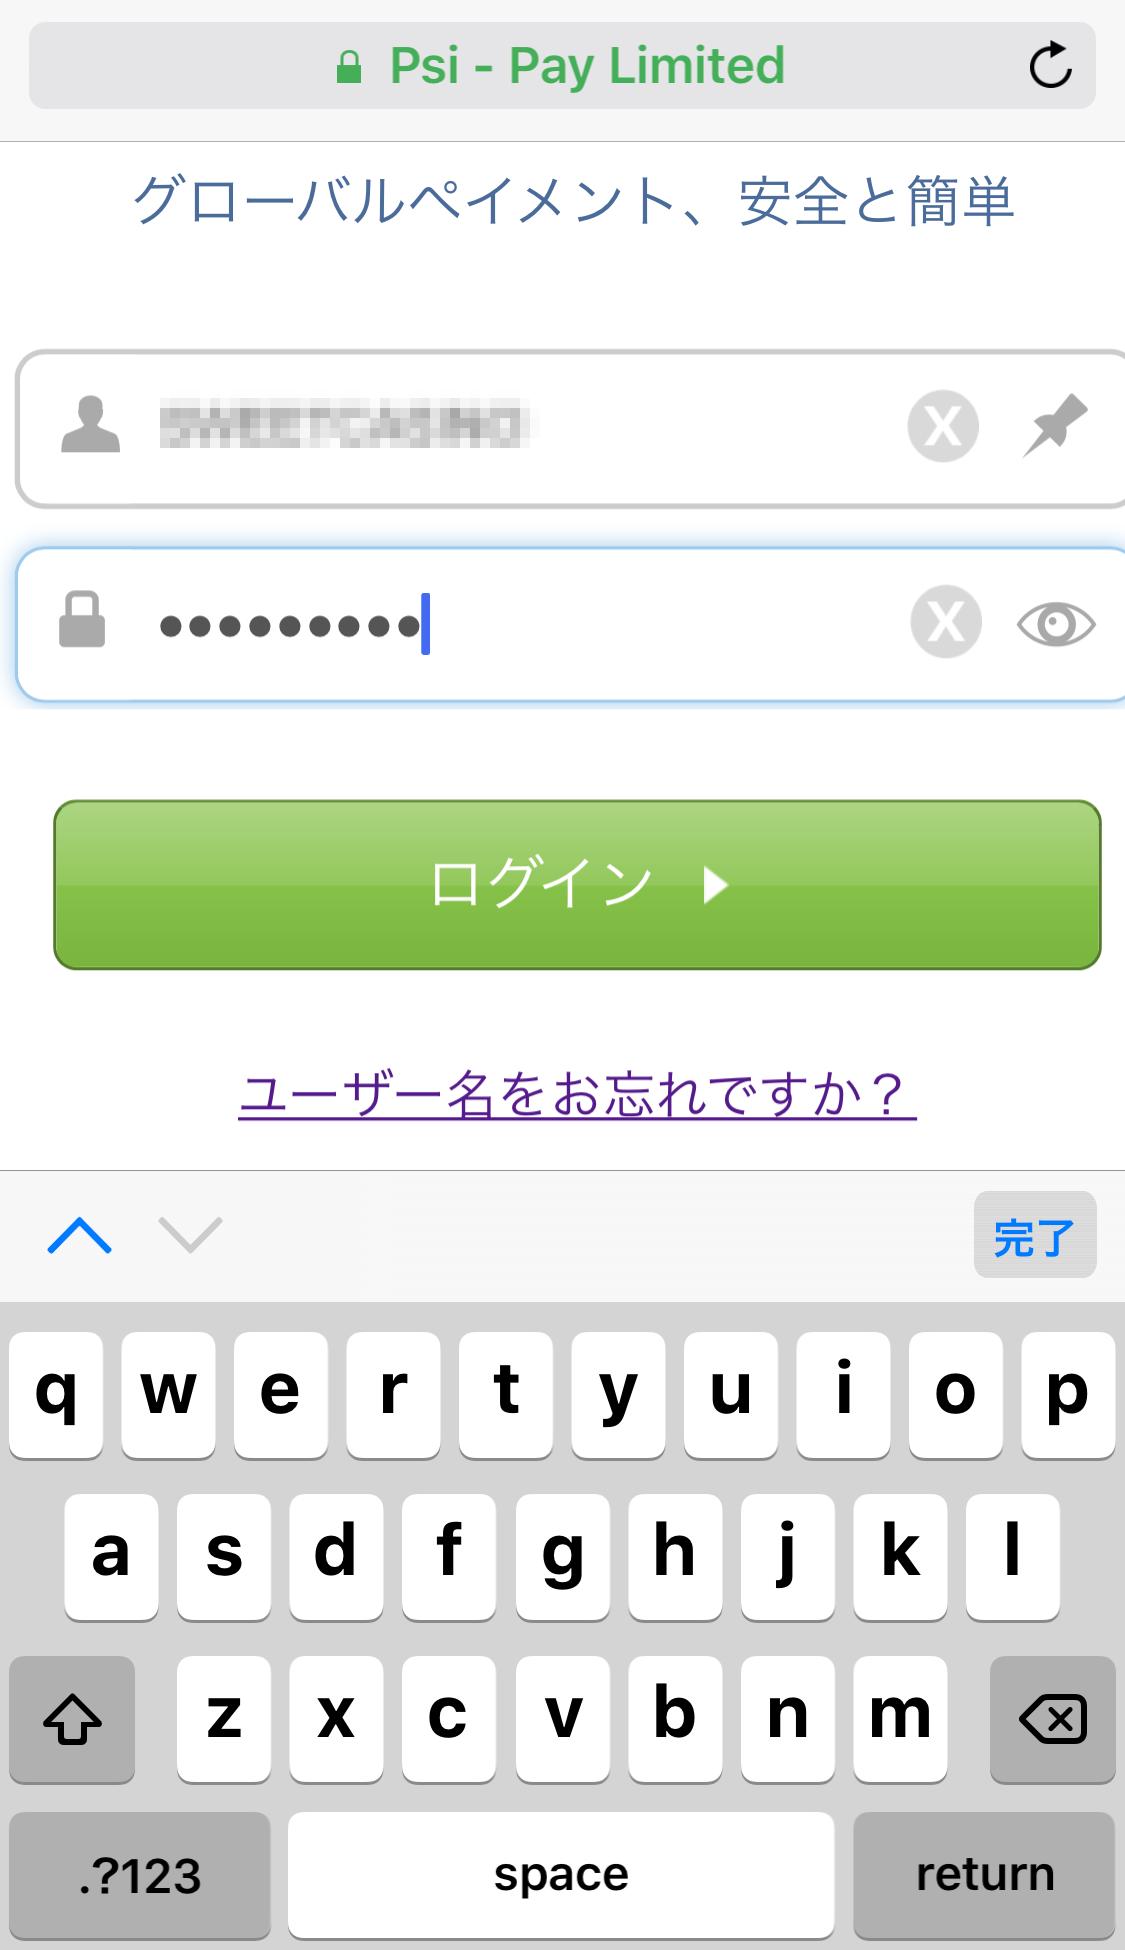 エコペイズログイン画面の写真